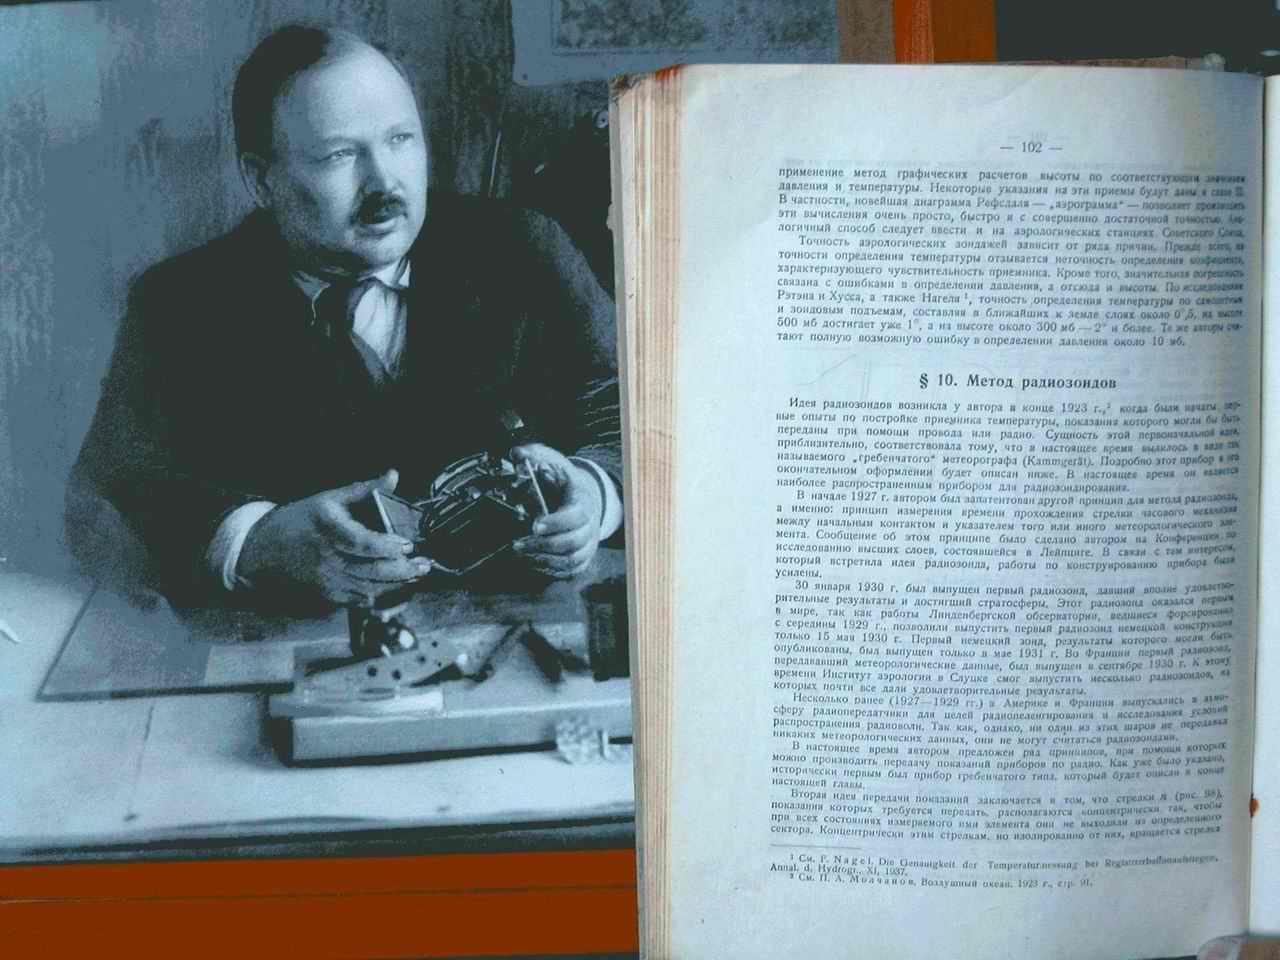 Профессор Молчанов и фрагмент его книги «Аэрология» с описанием первого пуска радиозонда